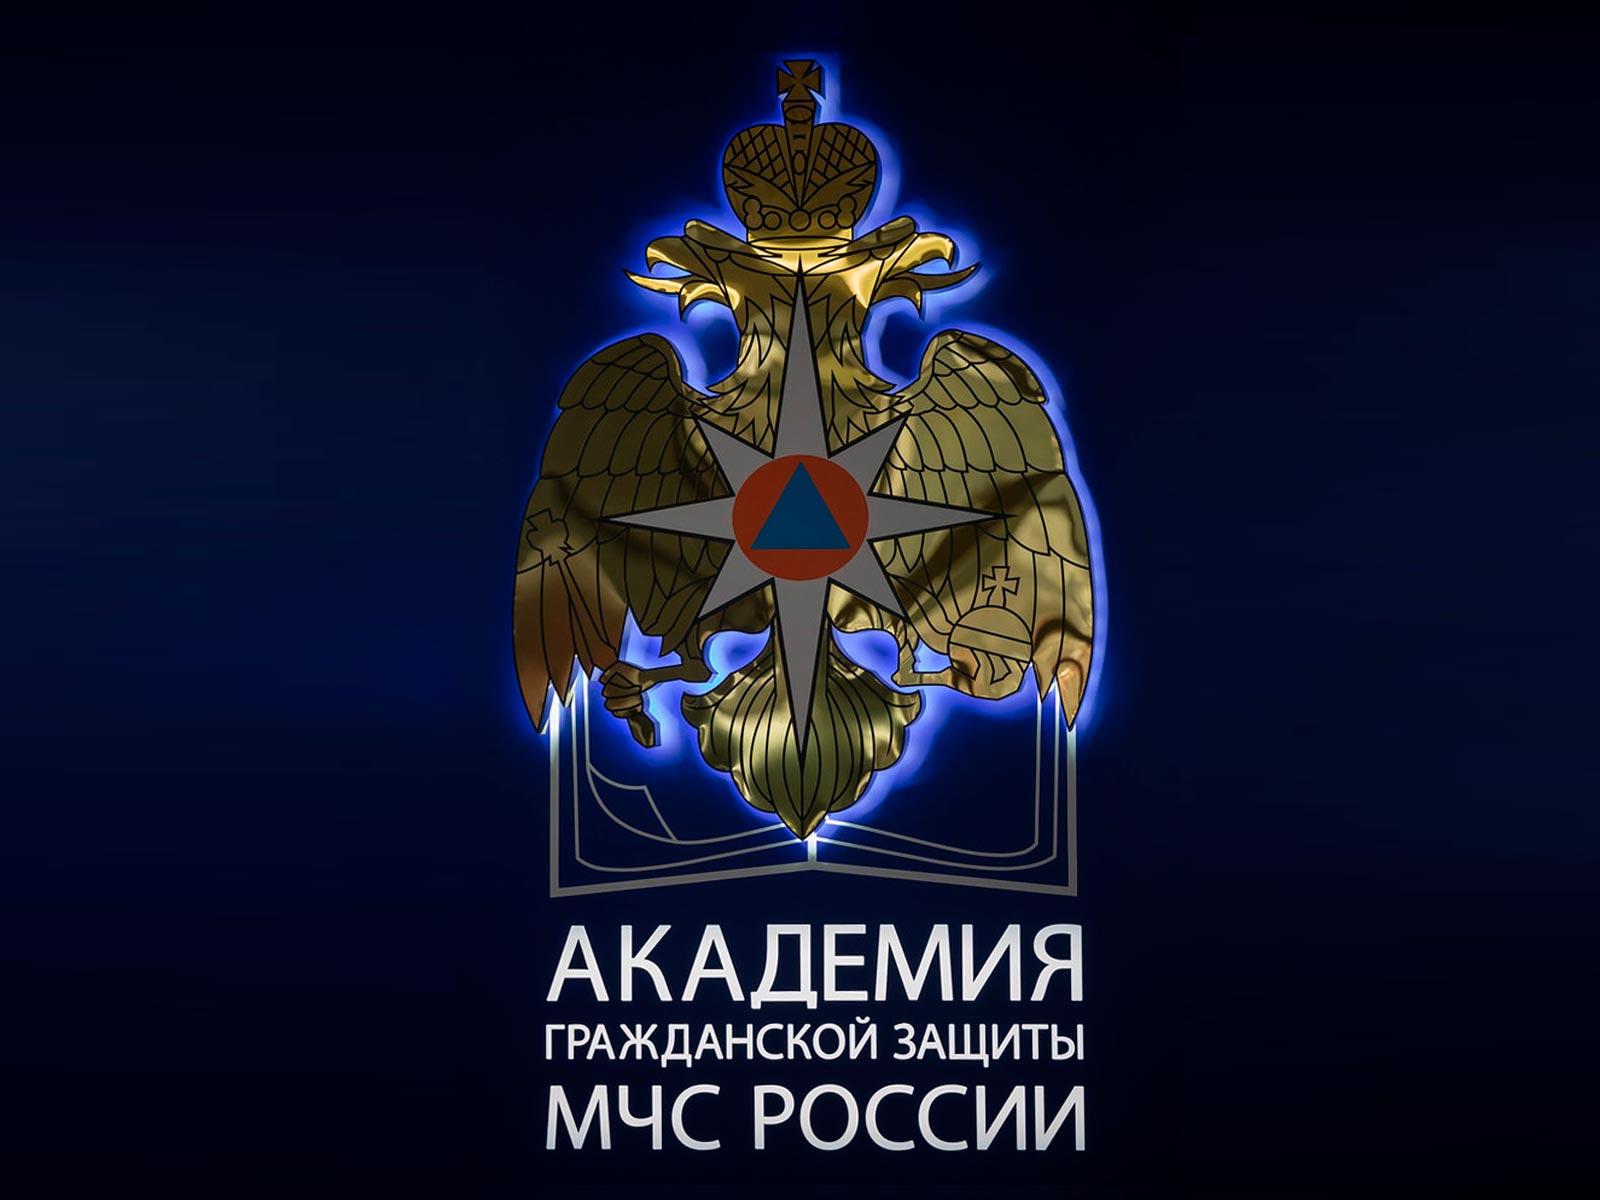 АГЗ МЧС России